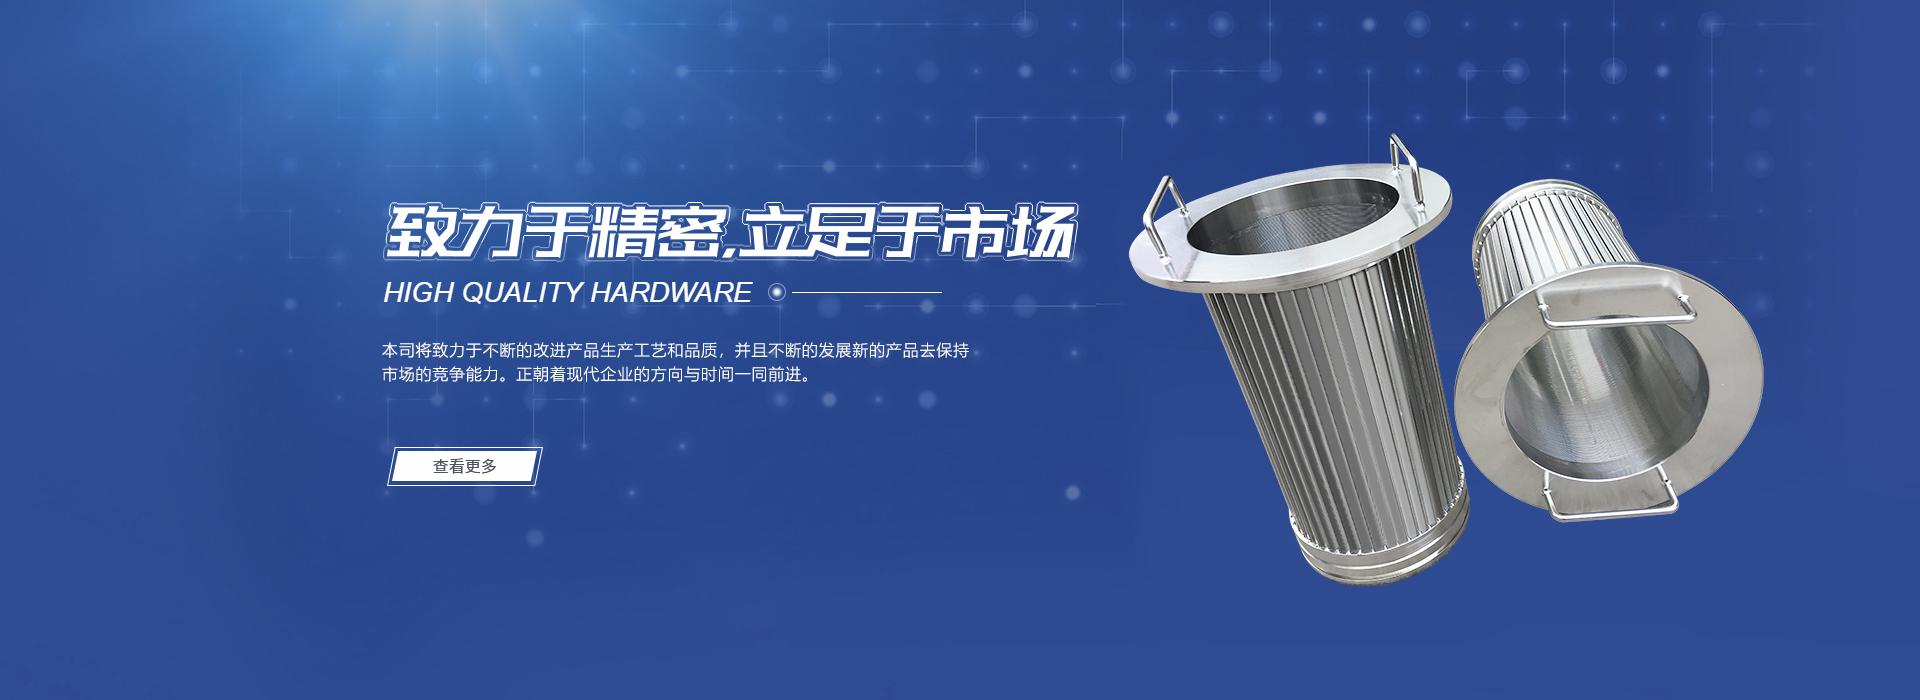 楔形濾網-膠液篩-涂料壓力篩-篩管-約翰遜網-過濾器-全自動過濾器-自清洗過濾器-青島雷勒過濾科技有限公司